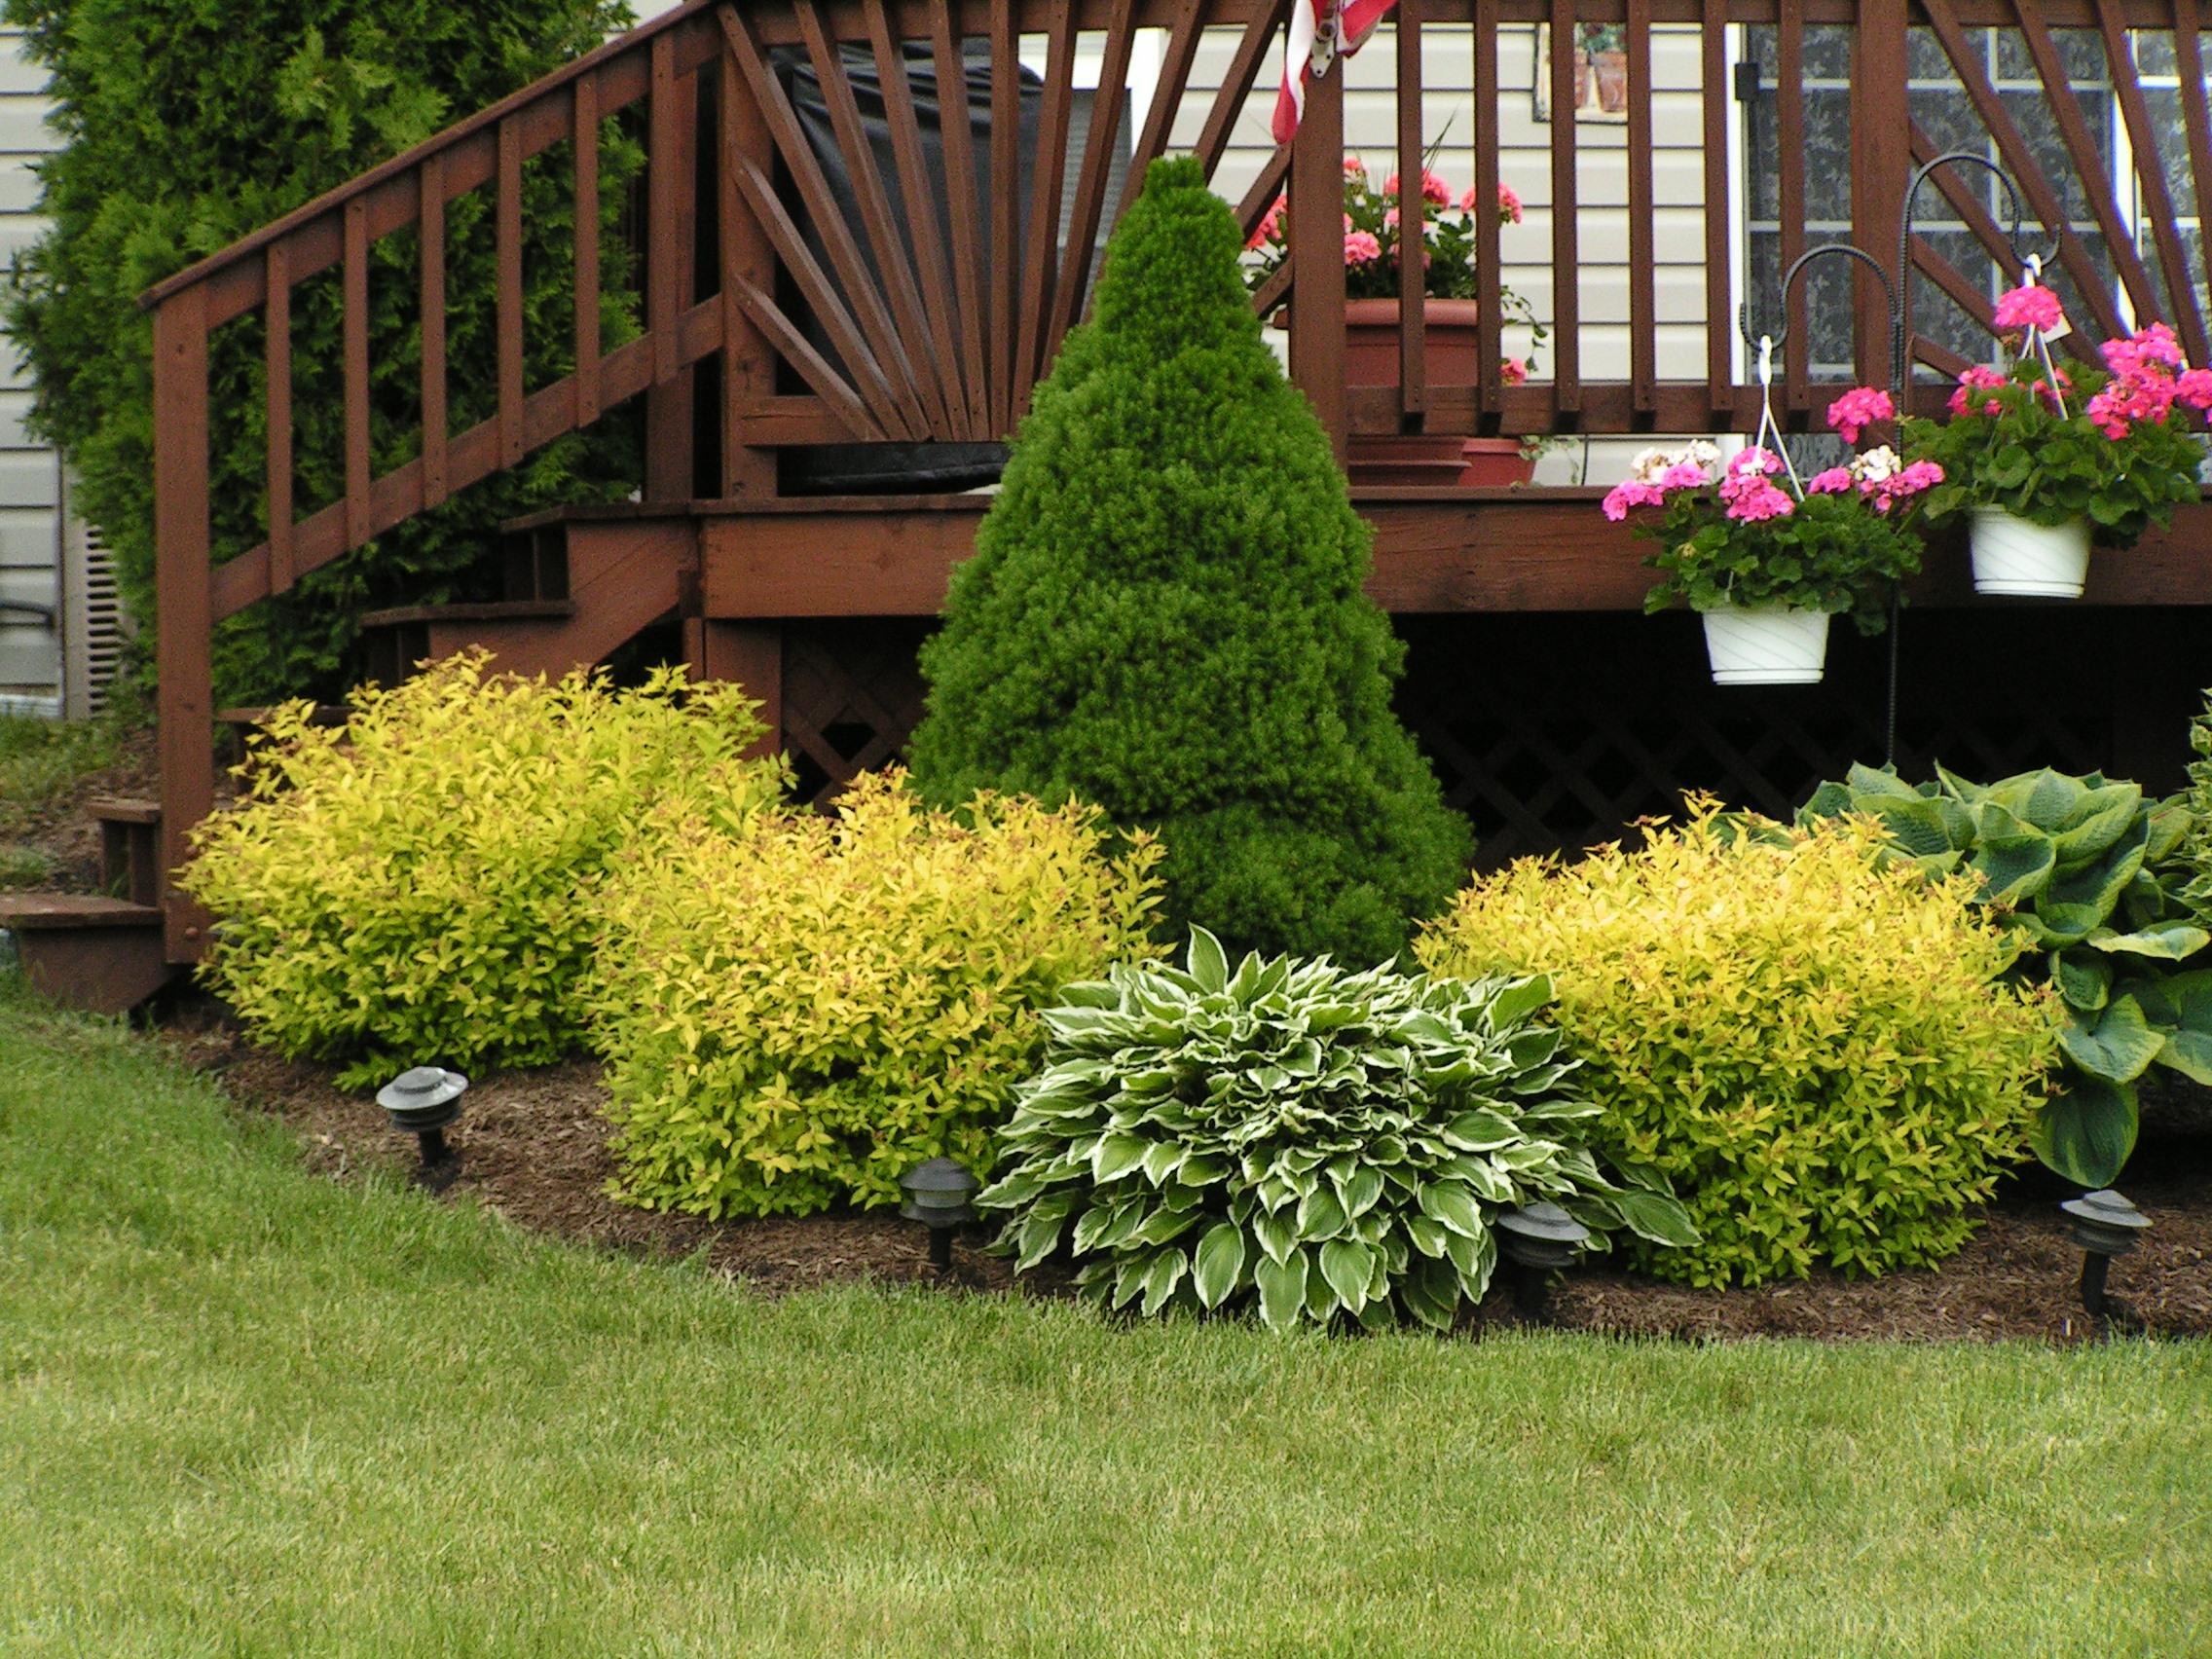 группы из декоративных кустарников для украшения сада